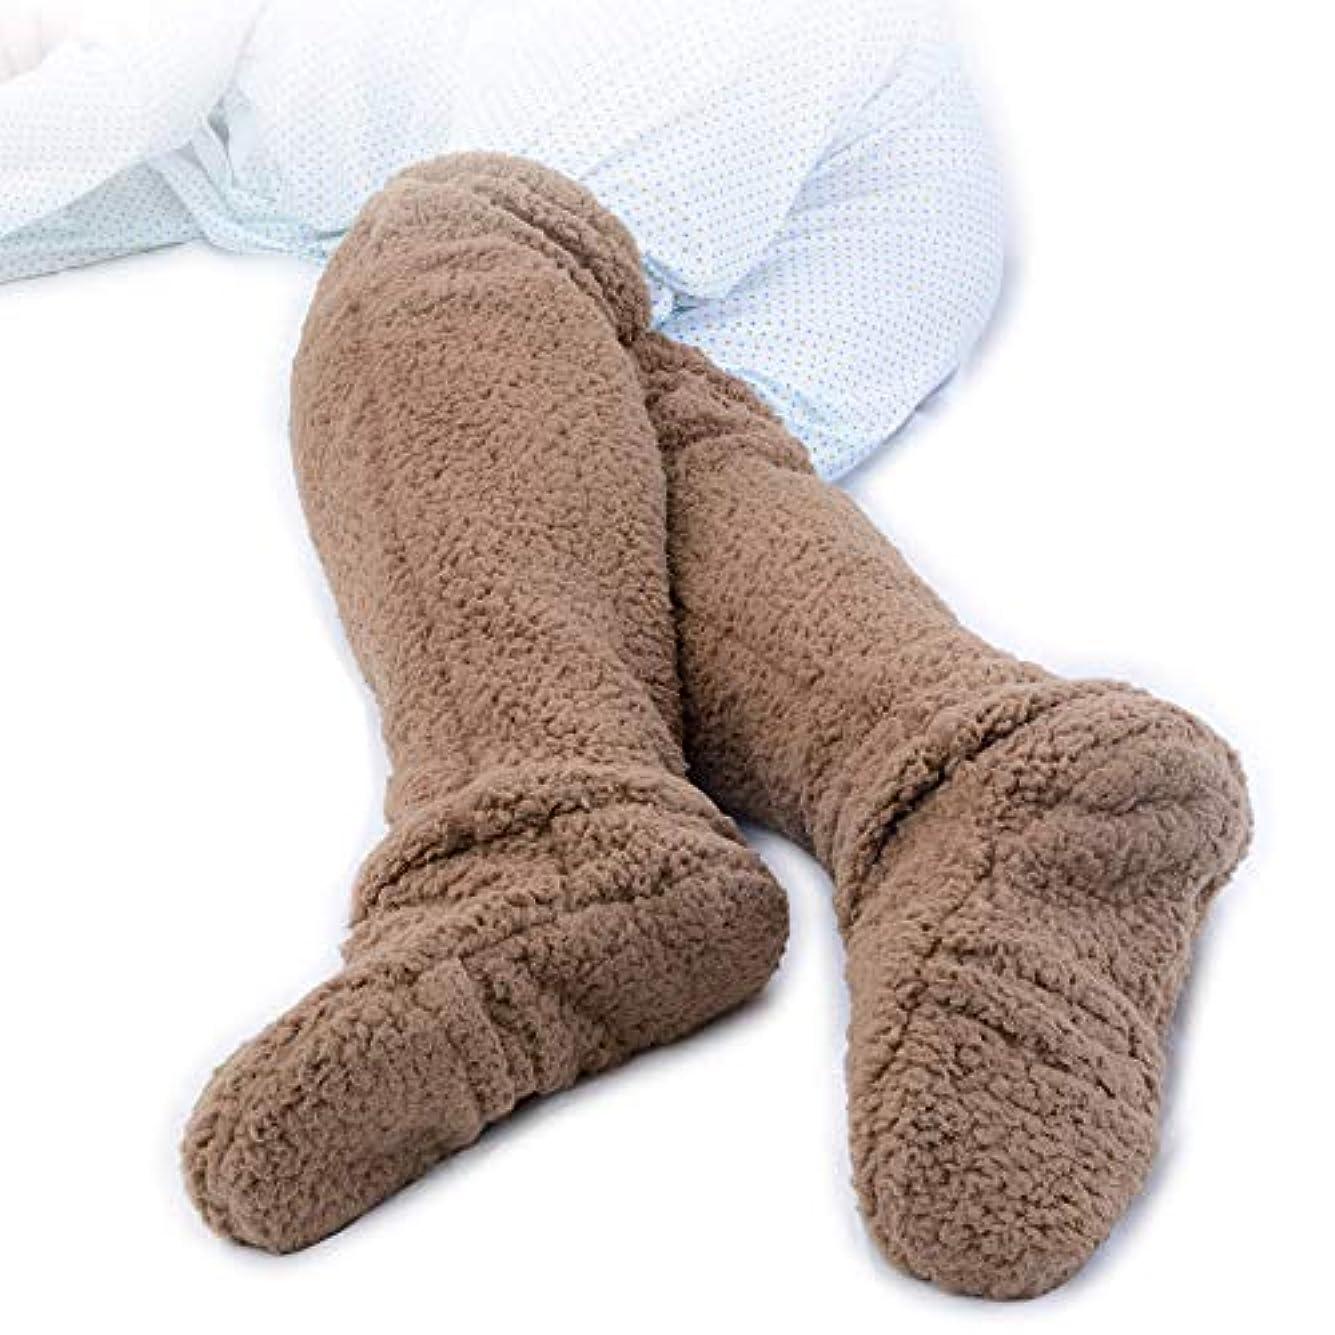 開始レイアミスヒートソックス,Enteriza 極暖 防寒 足が出せるロングカバー あったかグッズ ルームシューズ 男女兼用 2重フリース生地 室内履き 軽量 洗える